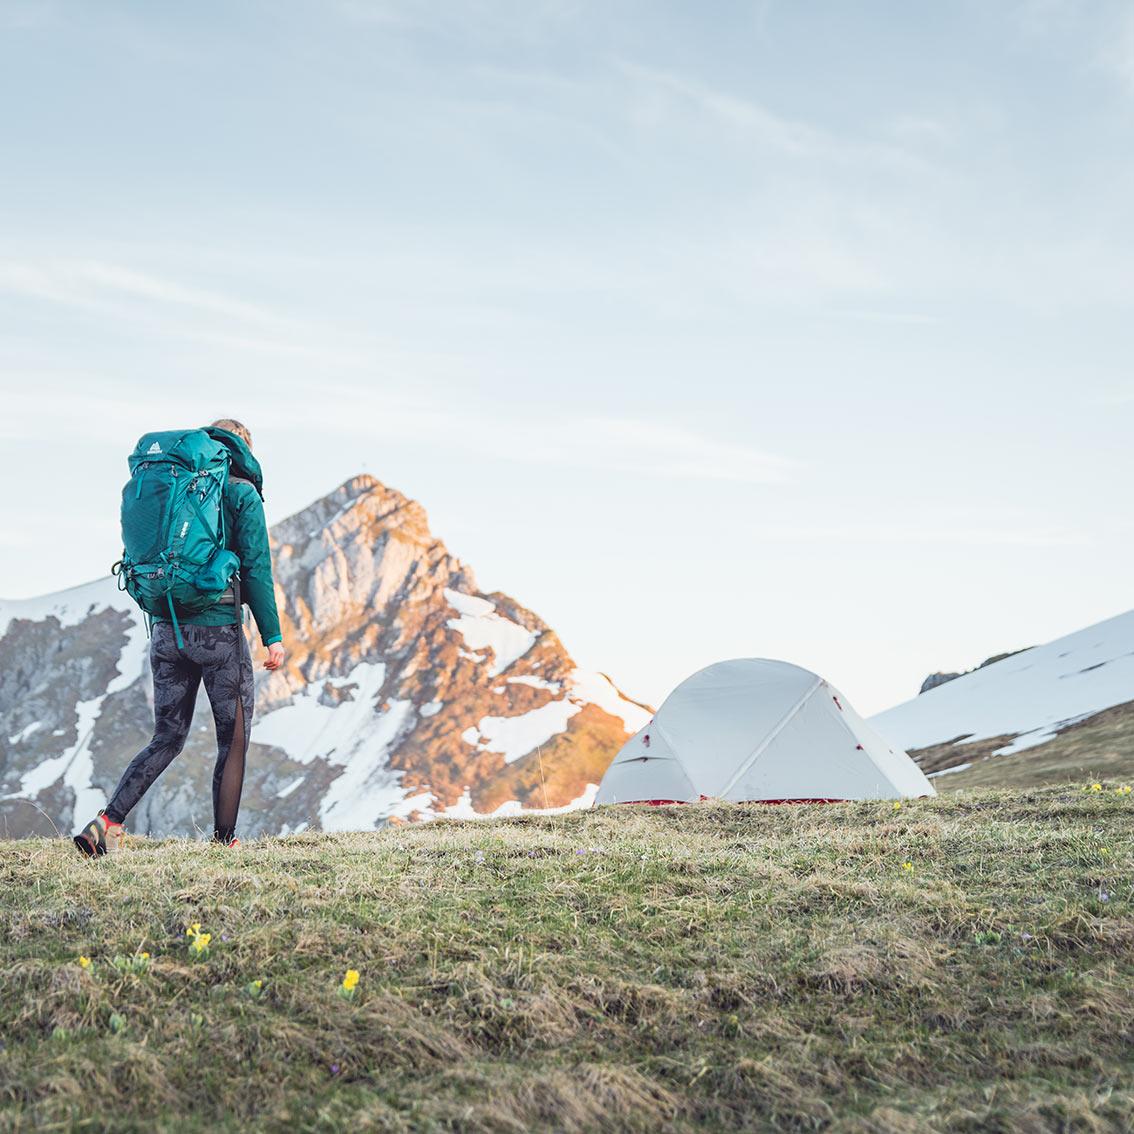 ©Lukas Reumschüssel – girl with huge backpack walking towards tent